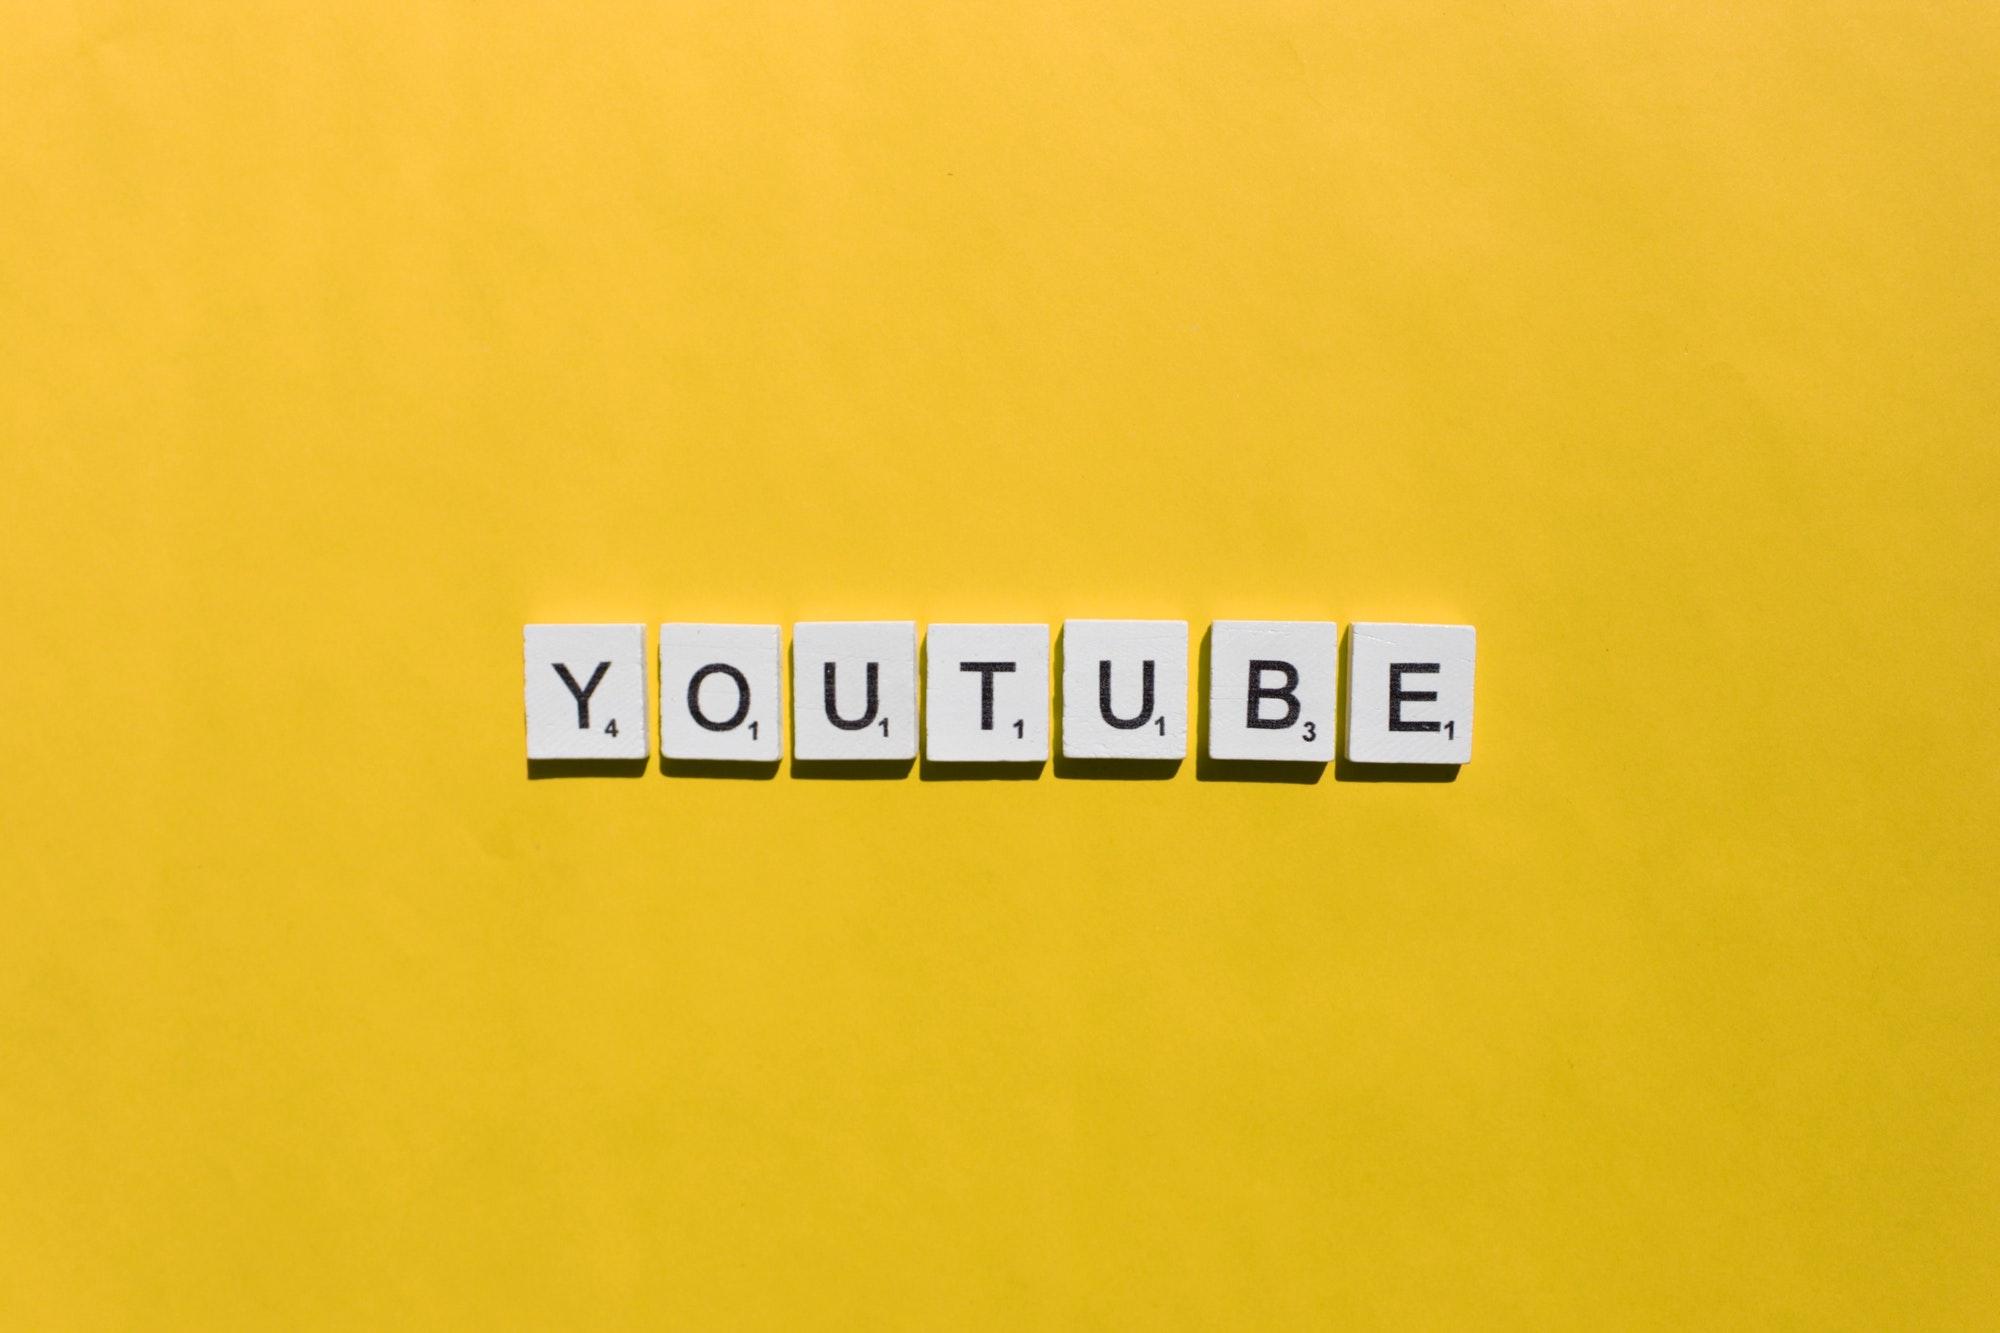 YouTube sta lavorando perché sulla piattaforma restino solo i migliori contenuti